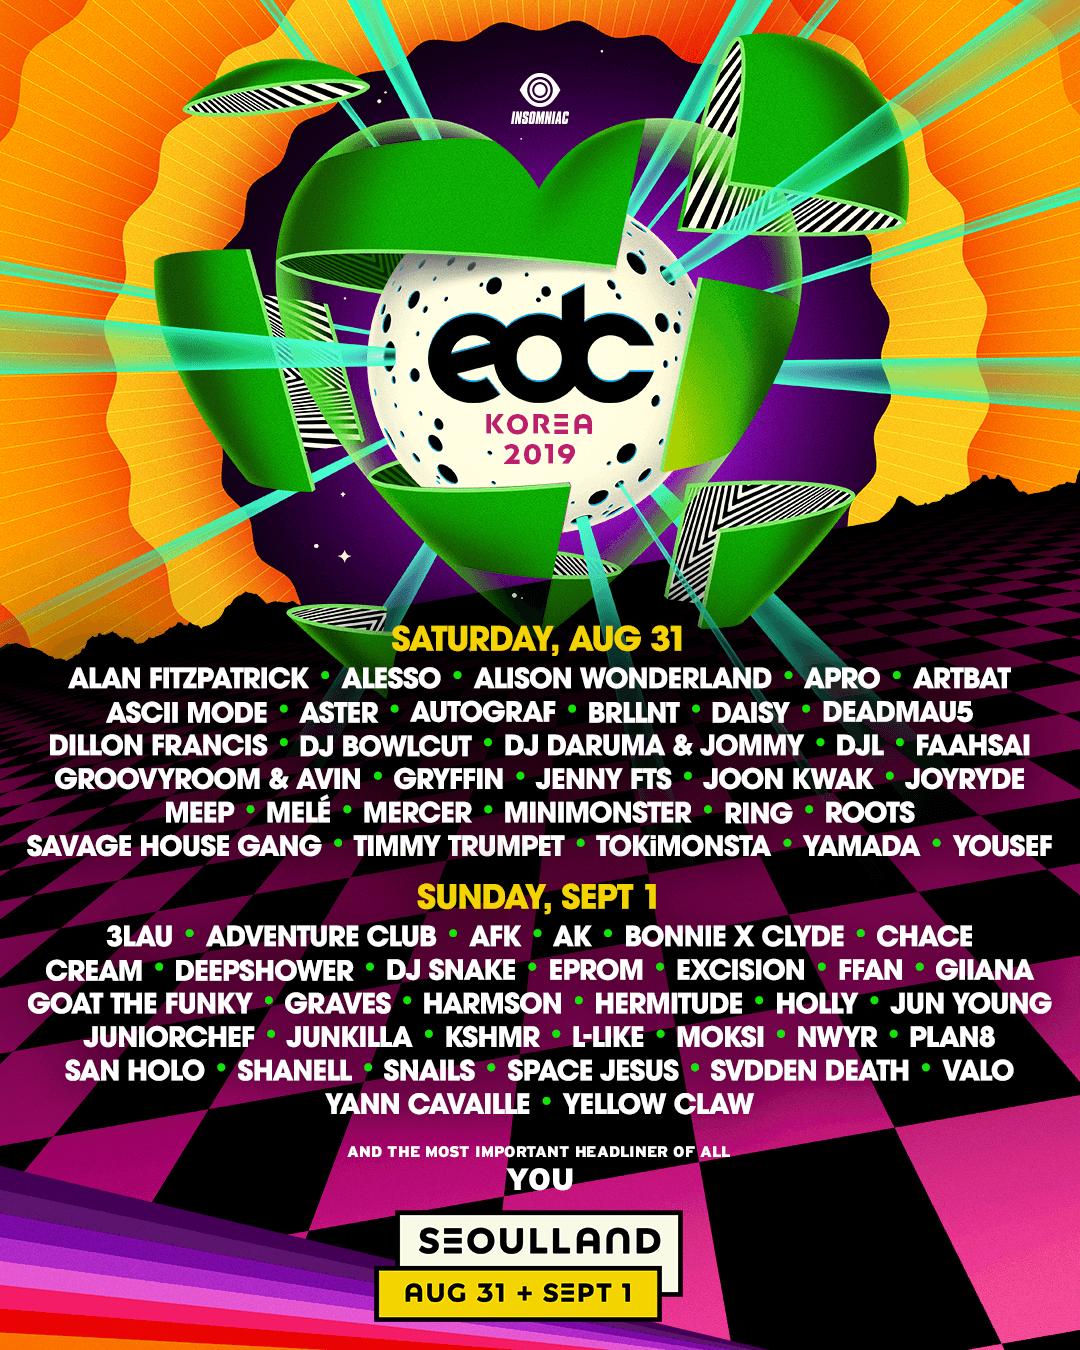 EDC Korea lineup